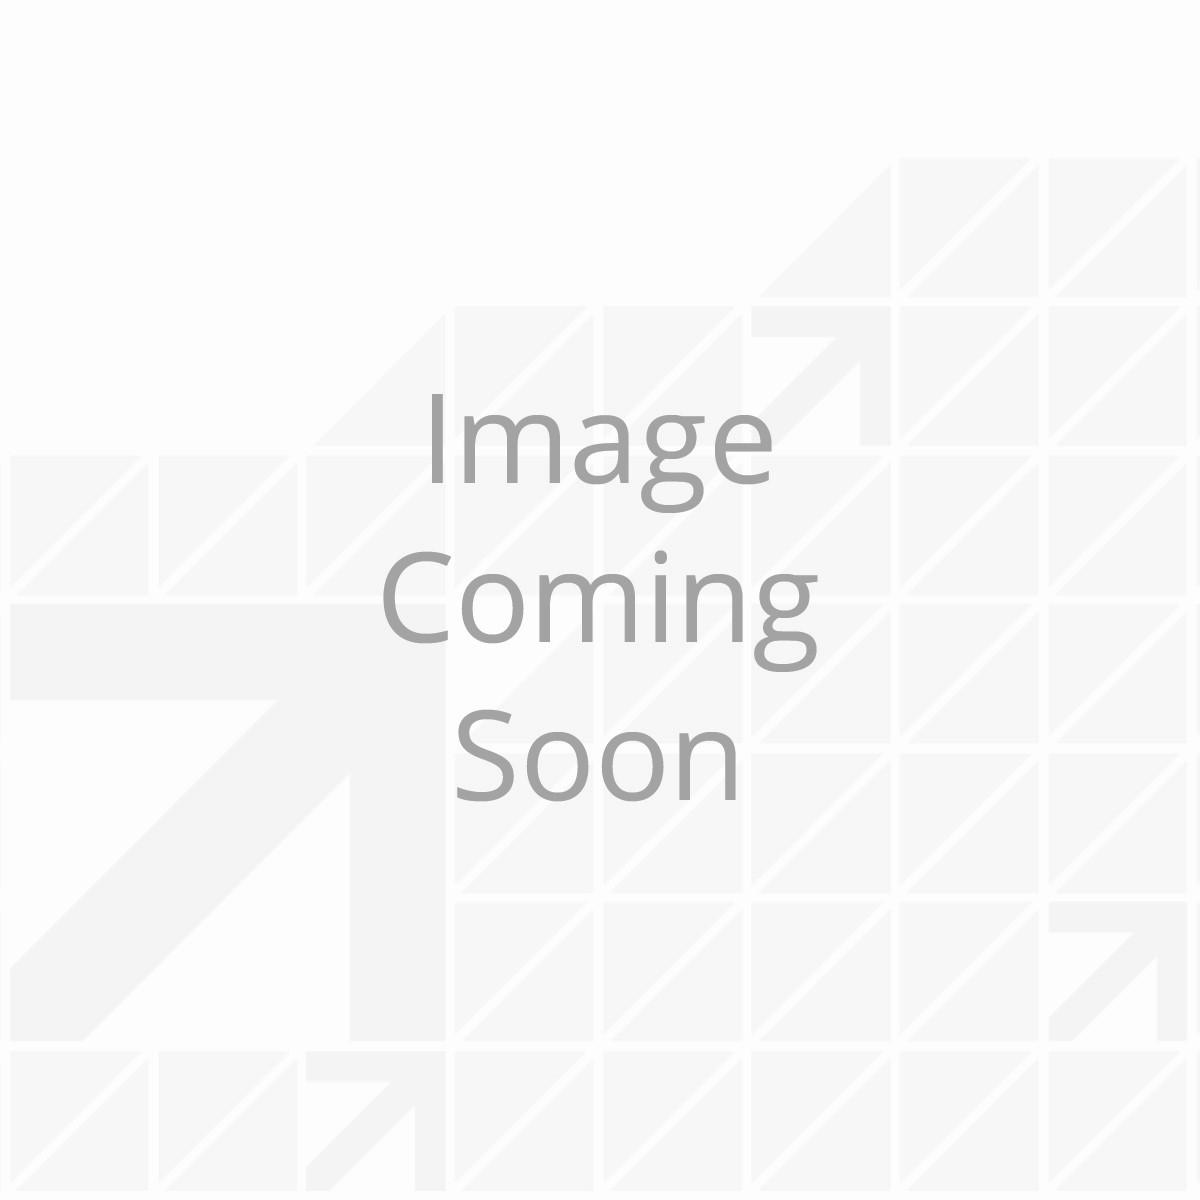 SPNO, 4-terminal, 12VDC, 35 Amp Relays, 12-Pack